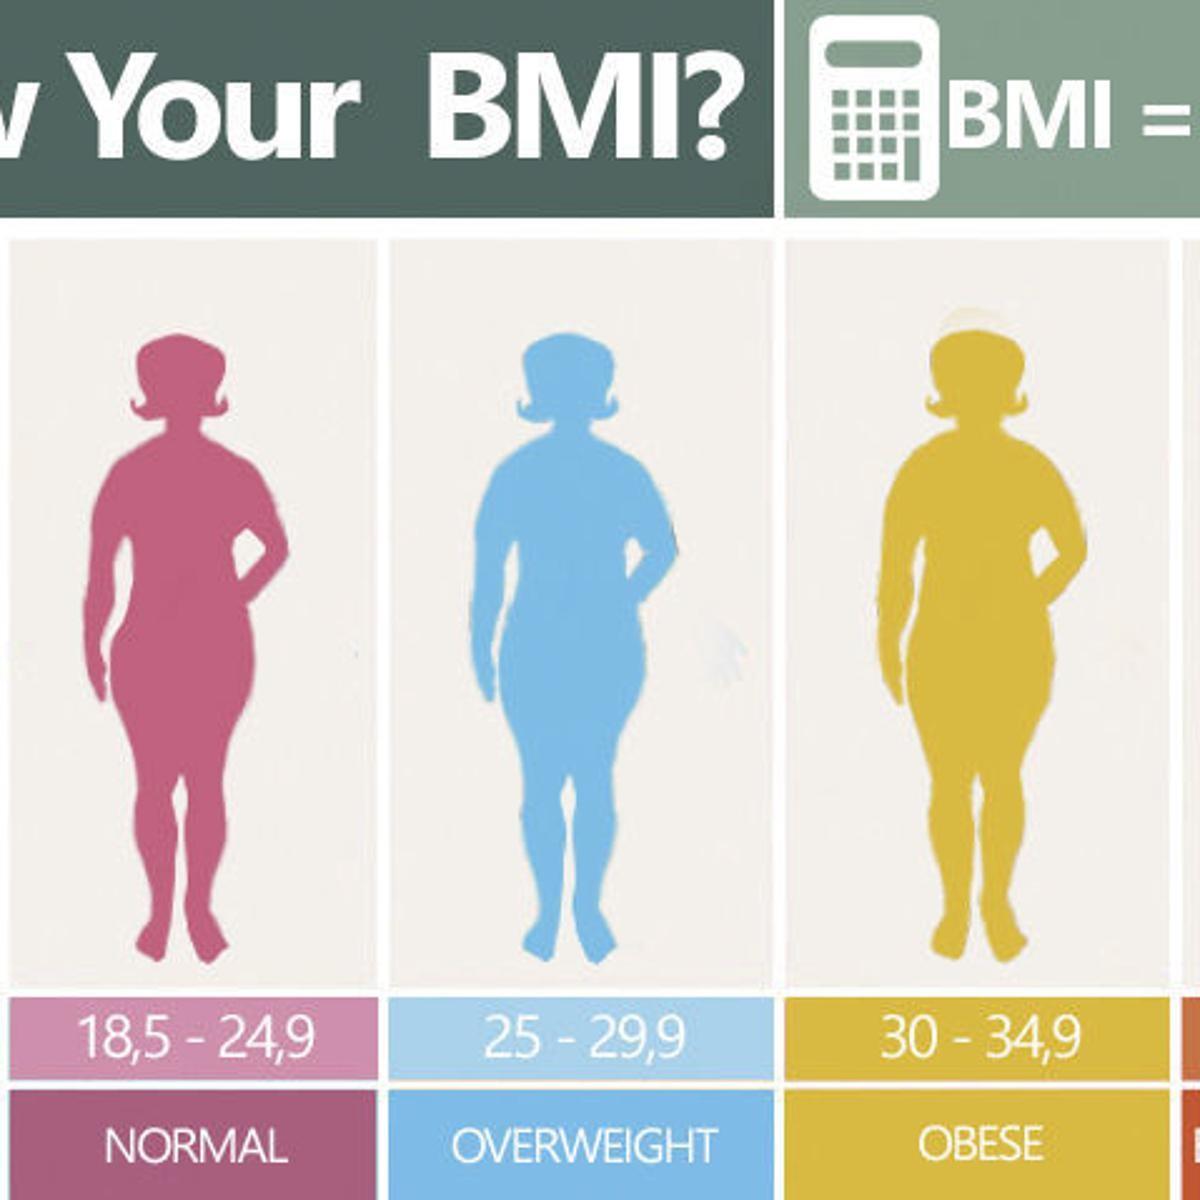 سایر عارضه هایی که می تواند در اثر خارج شدن شاخص نمایه ی توده ی بدنی فرد از محدوده ی استاندارد آن برای وی پیش بیاید کدام هستند؟